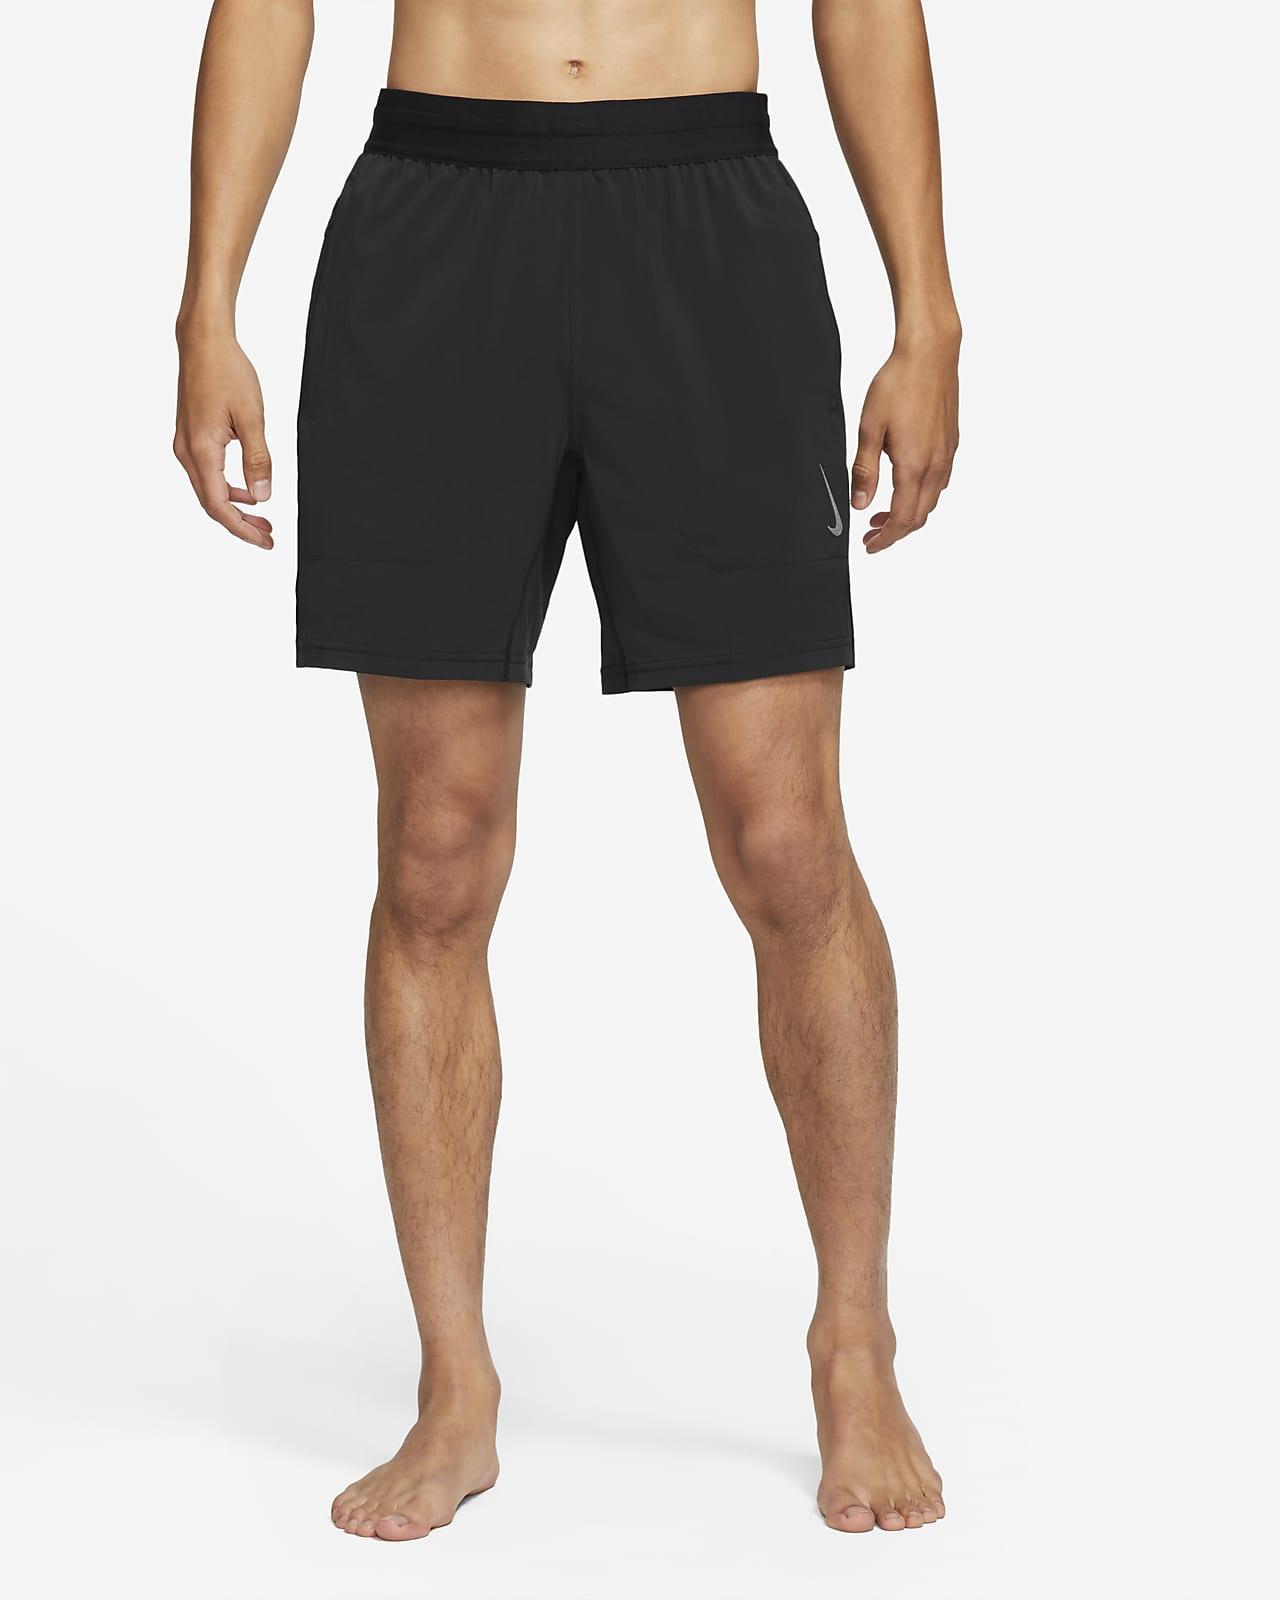 กางเกงขาสั้นผู้ชาย Nike Yoga Dri-FIT